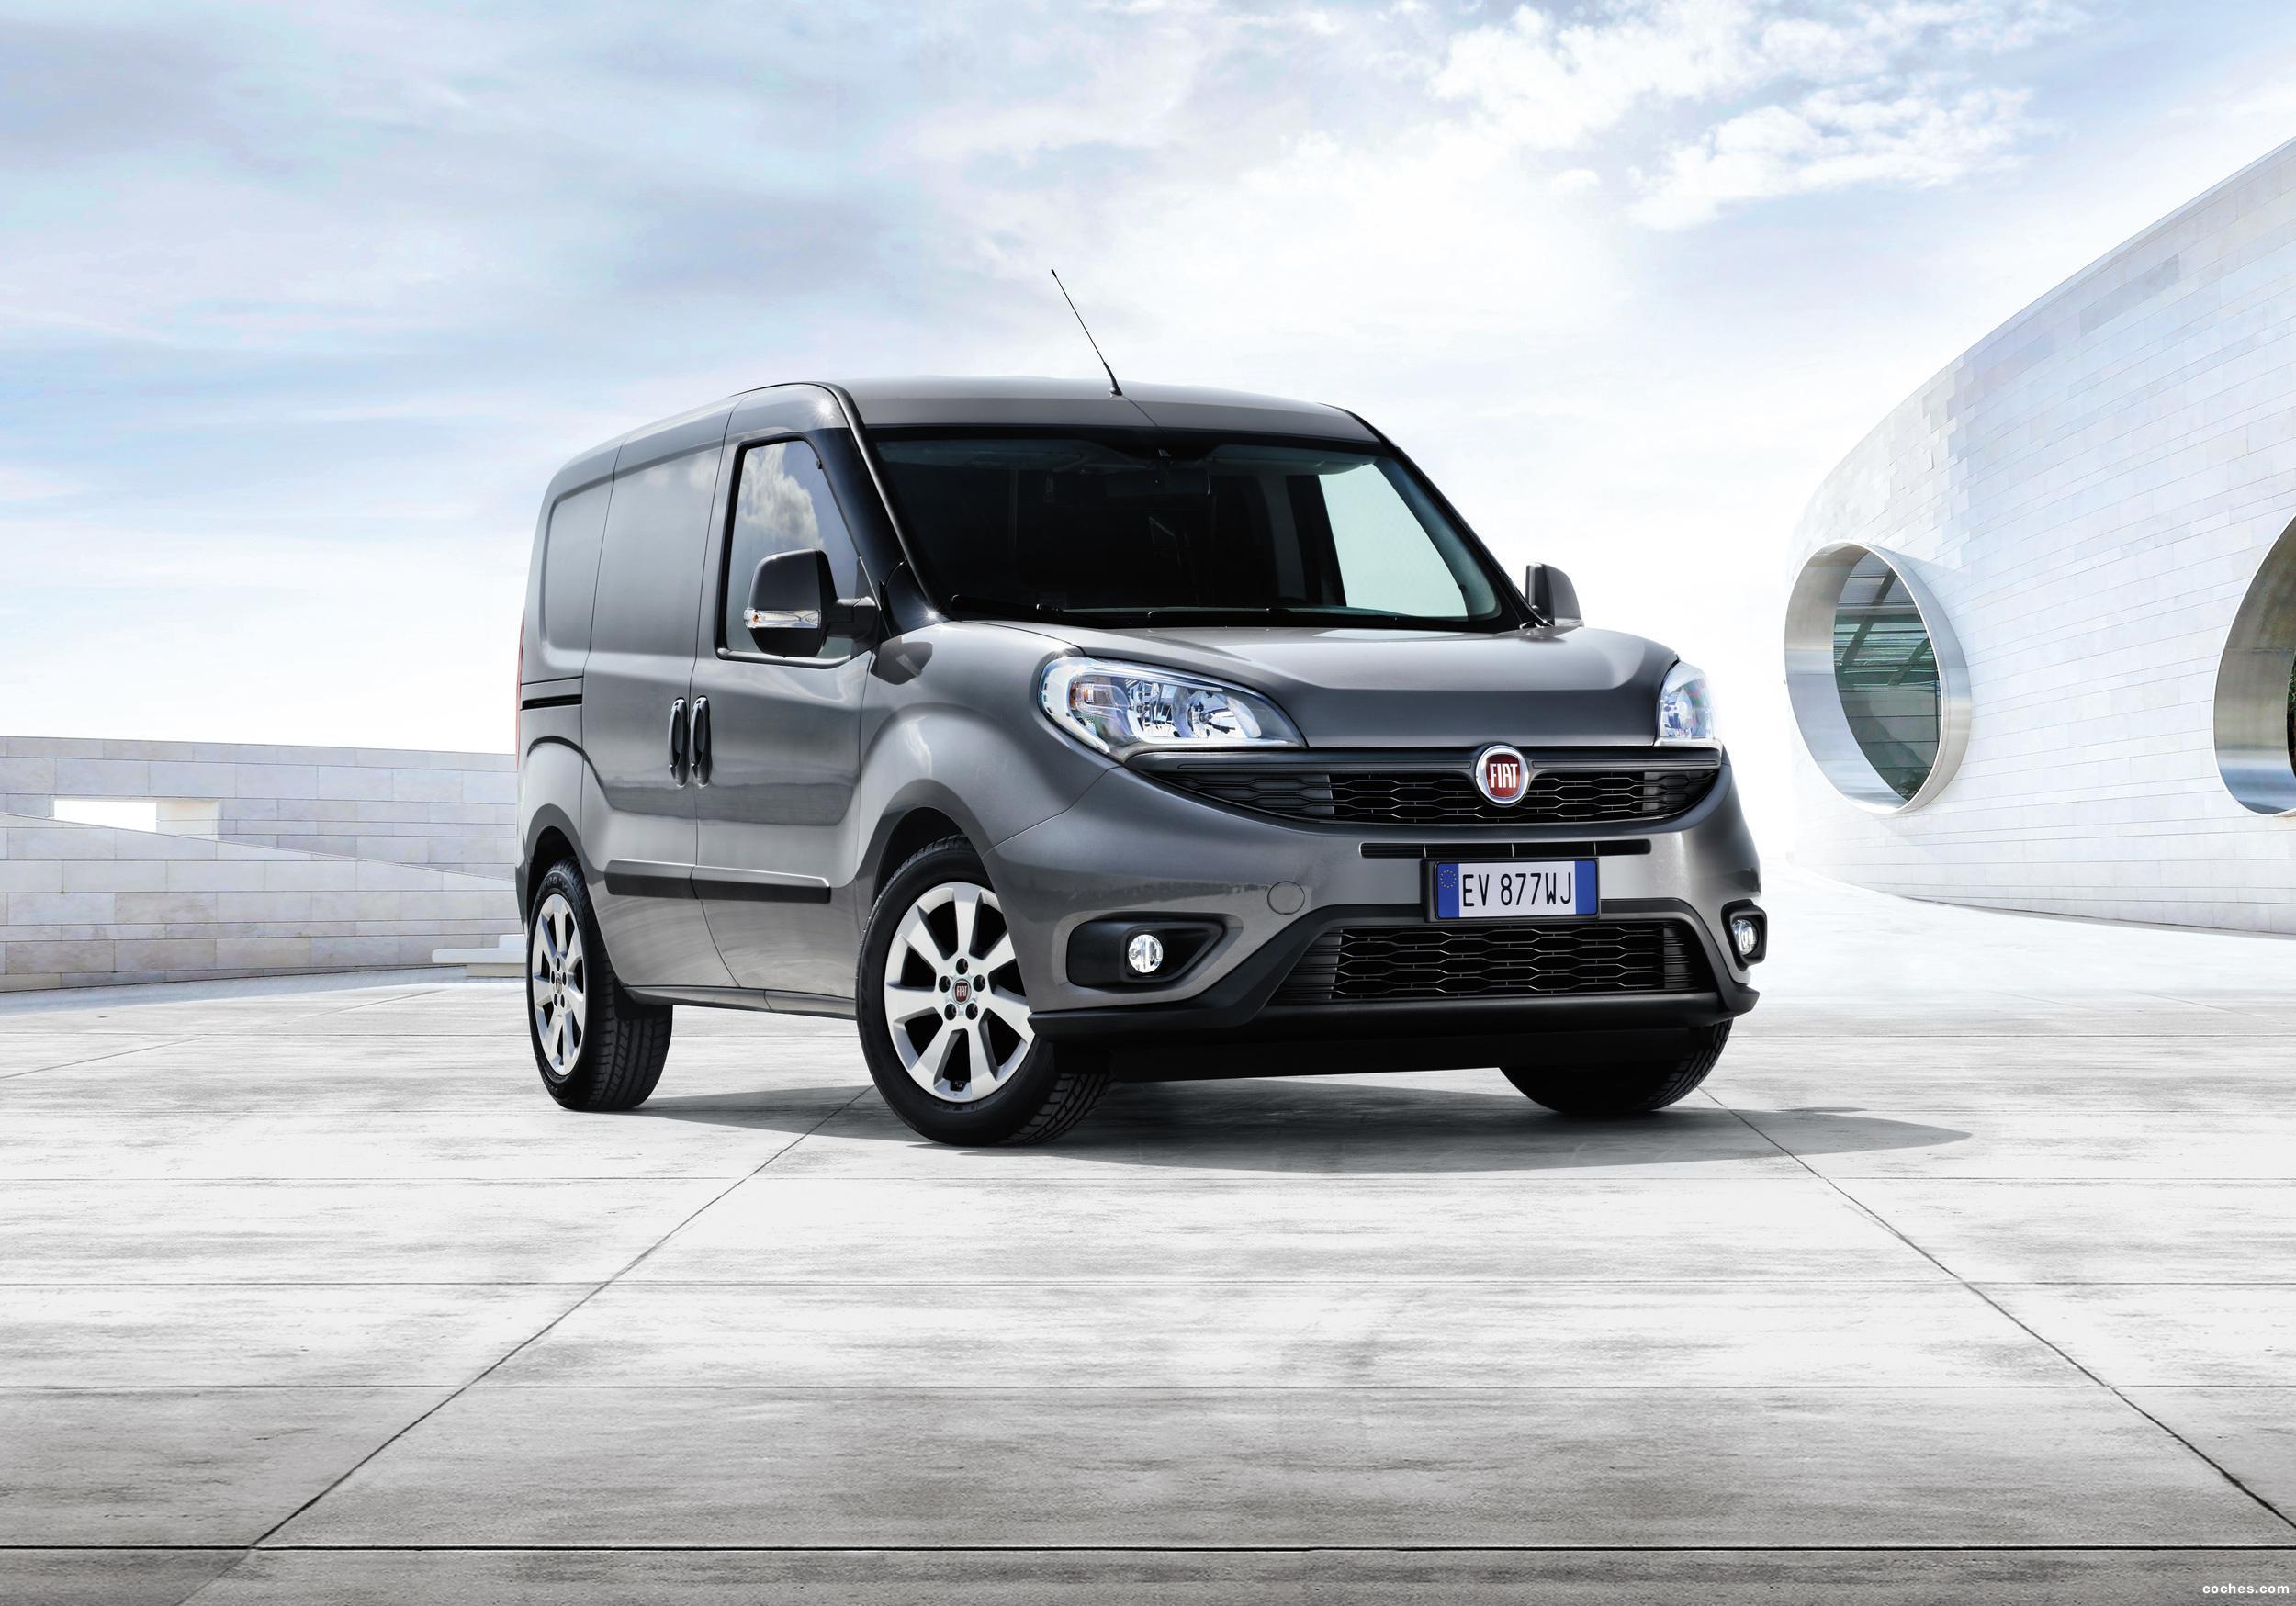 Fiat Doblo Furgon